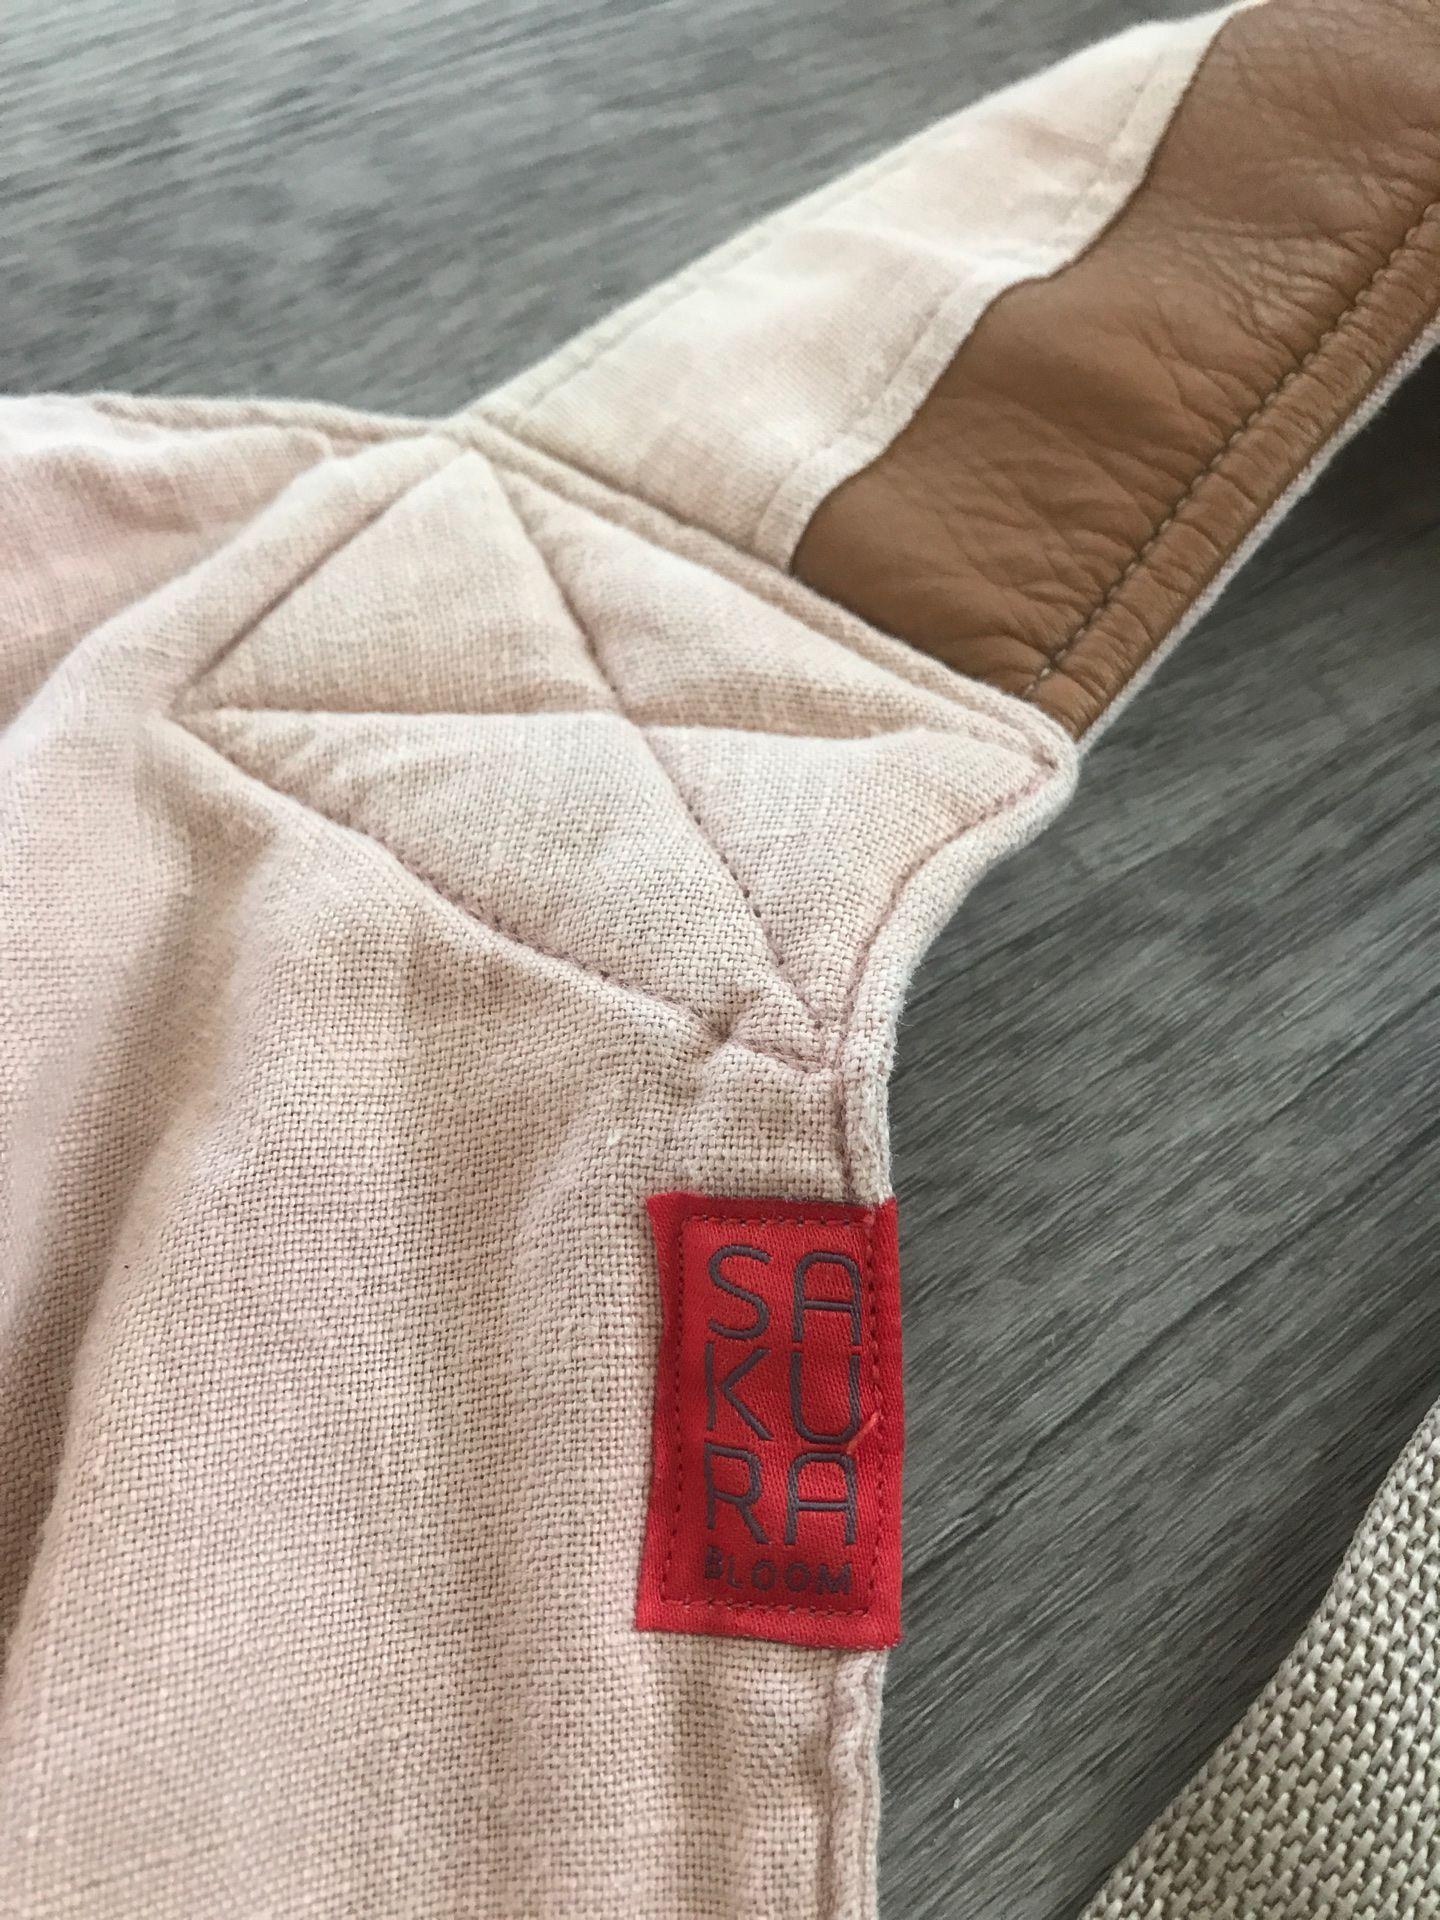 Sakura bloom scout in blush + camel leather